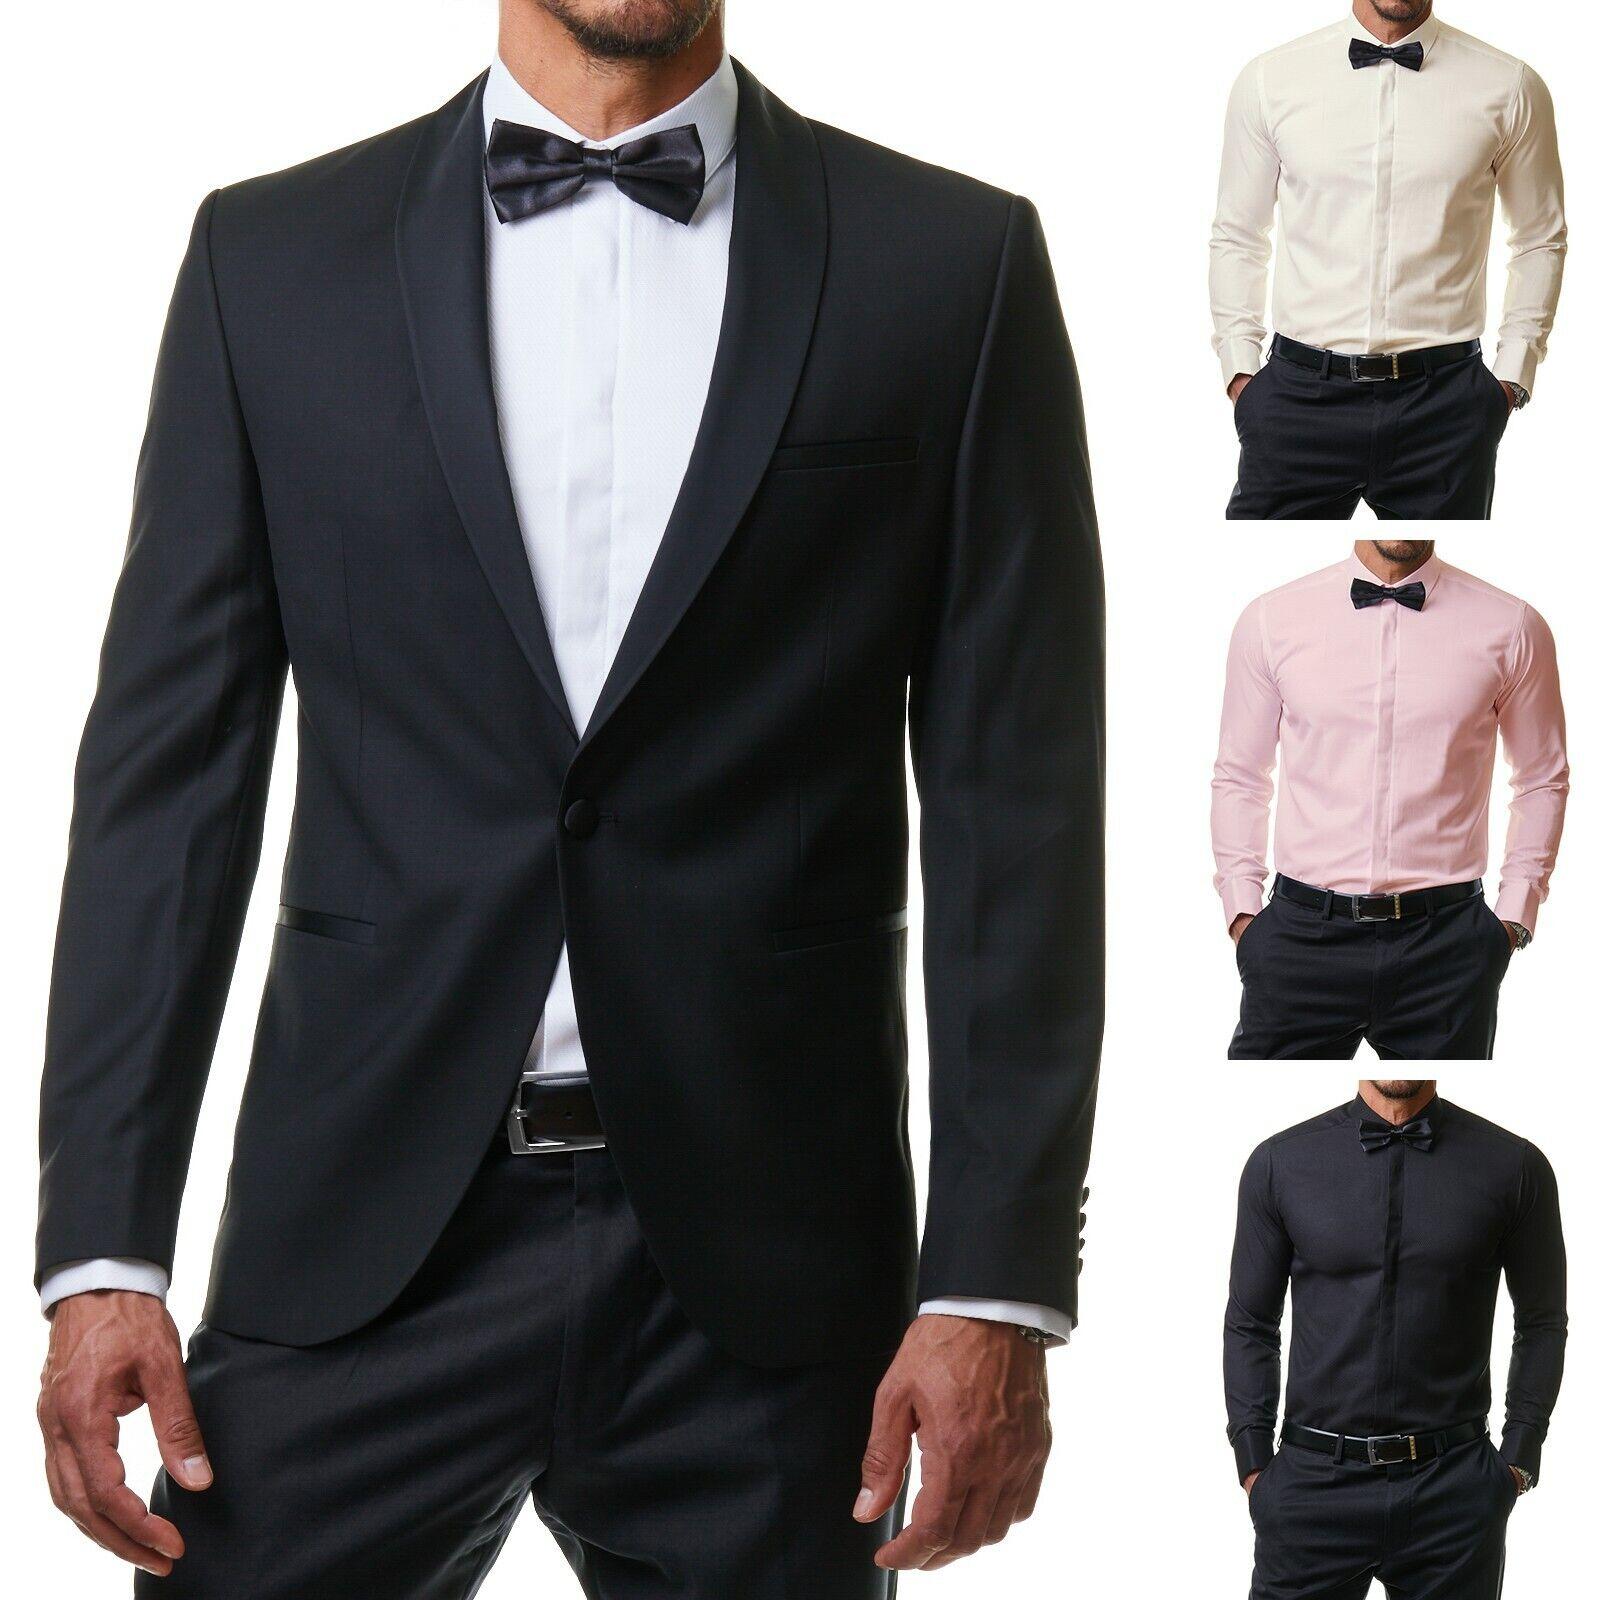 Herren Hemd Anzug Smoking Business Slim Fit Hochzeit + Fliege Manschetten S-2XL